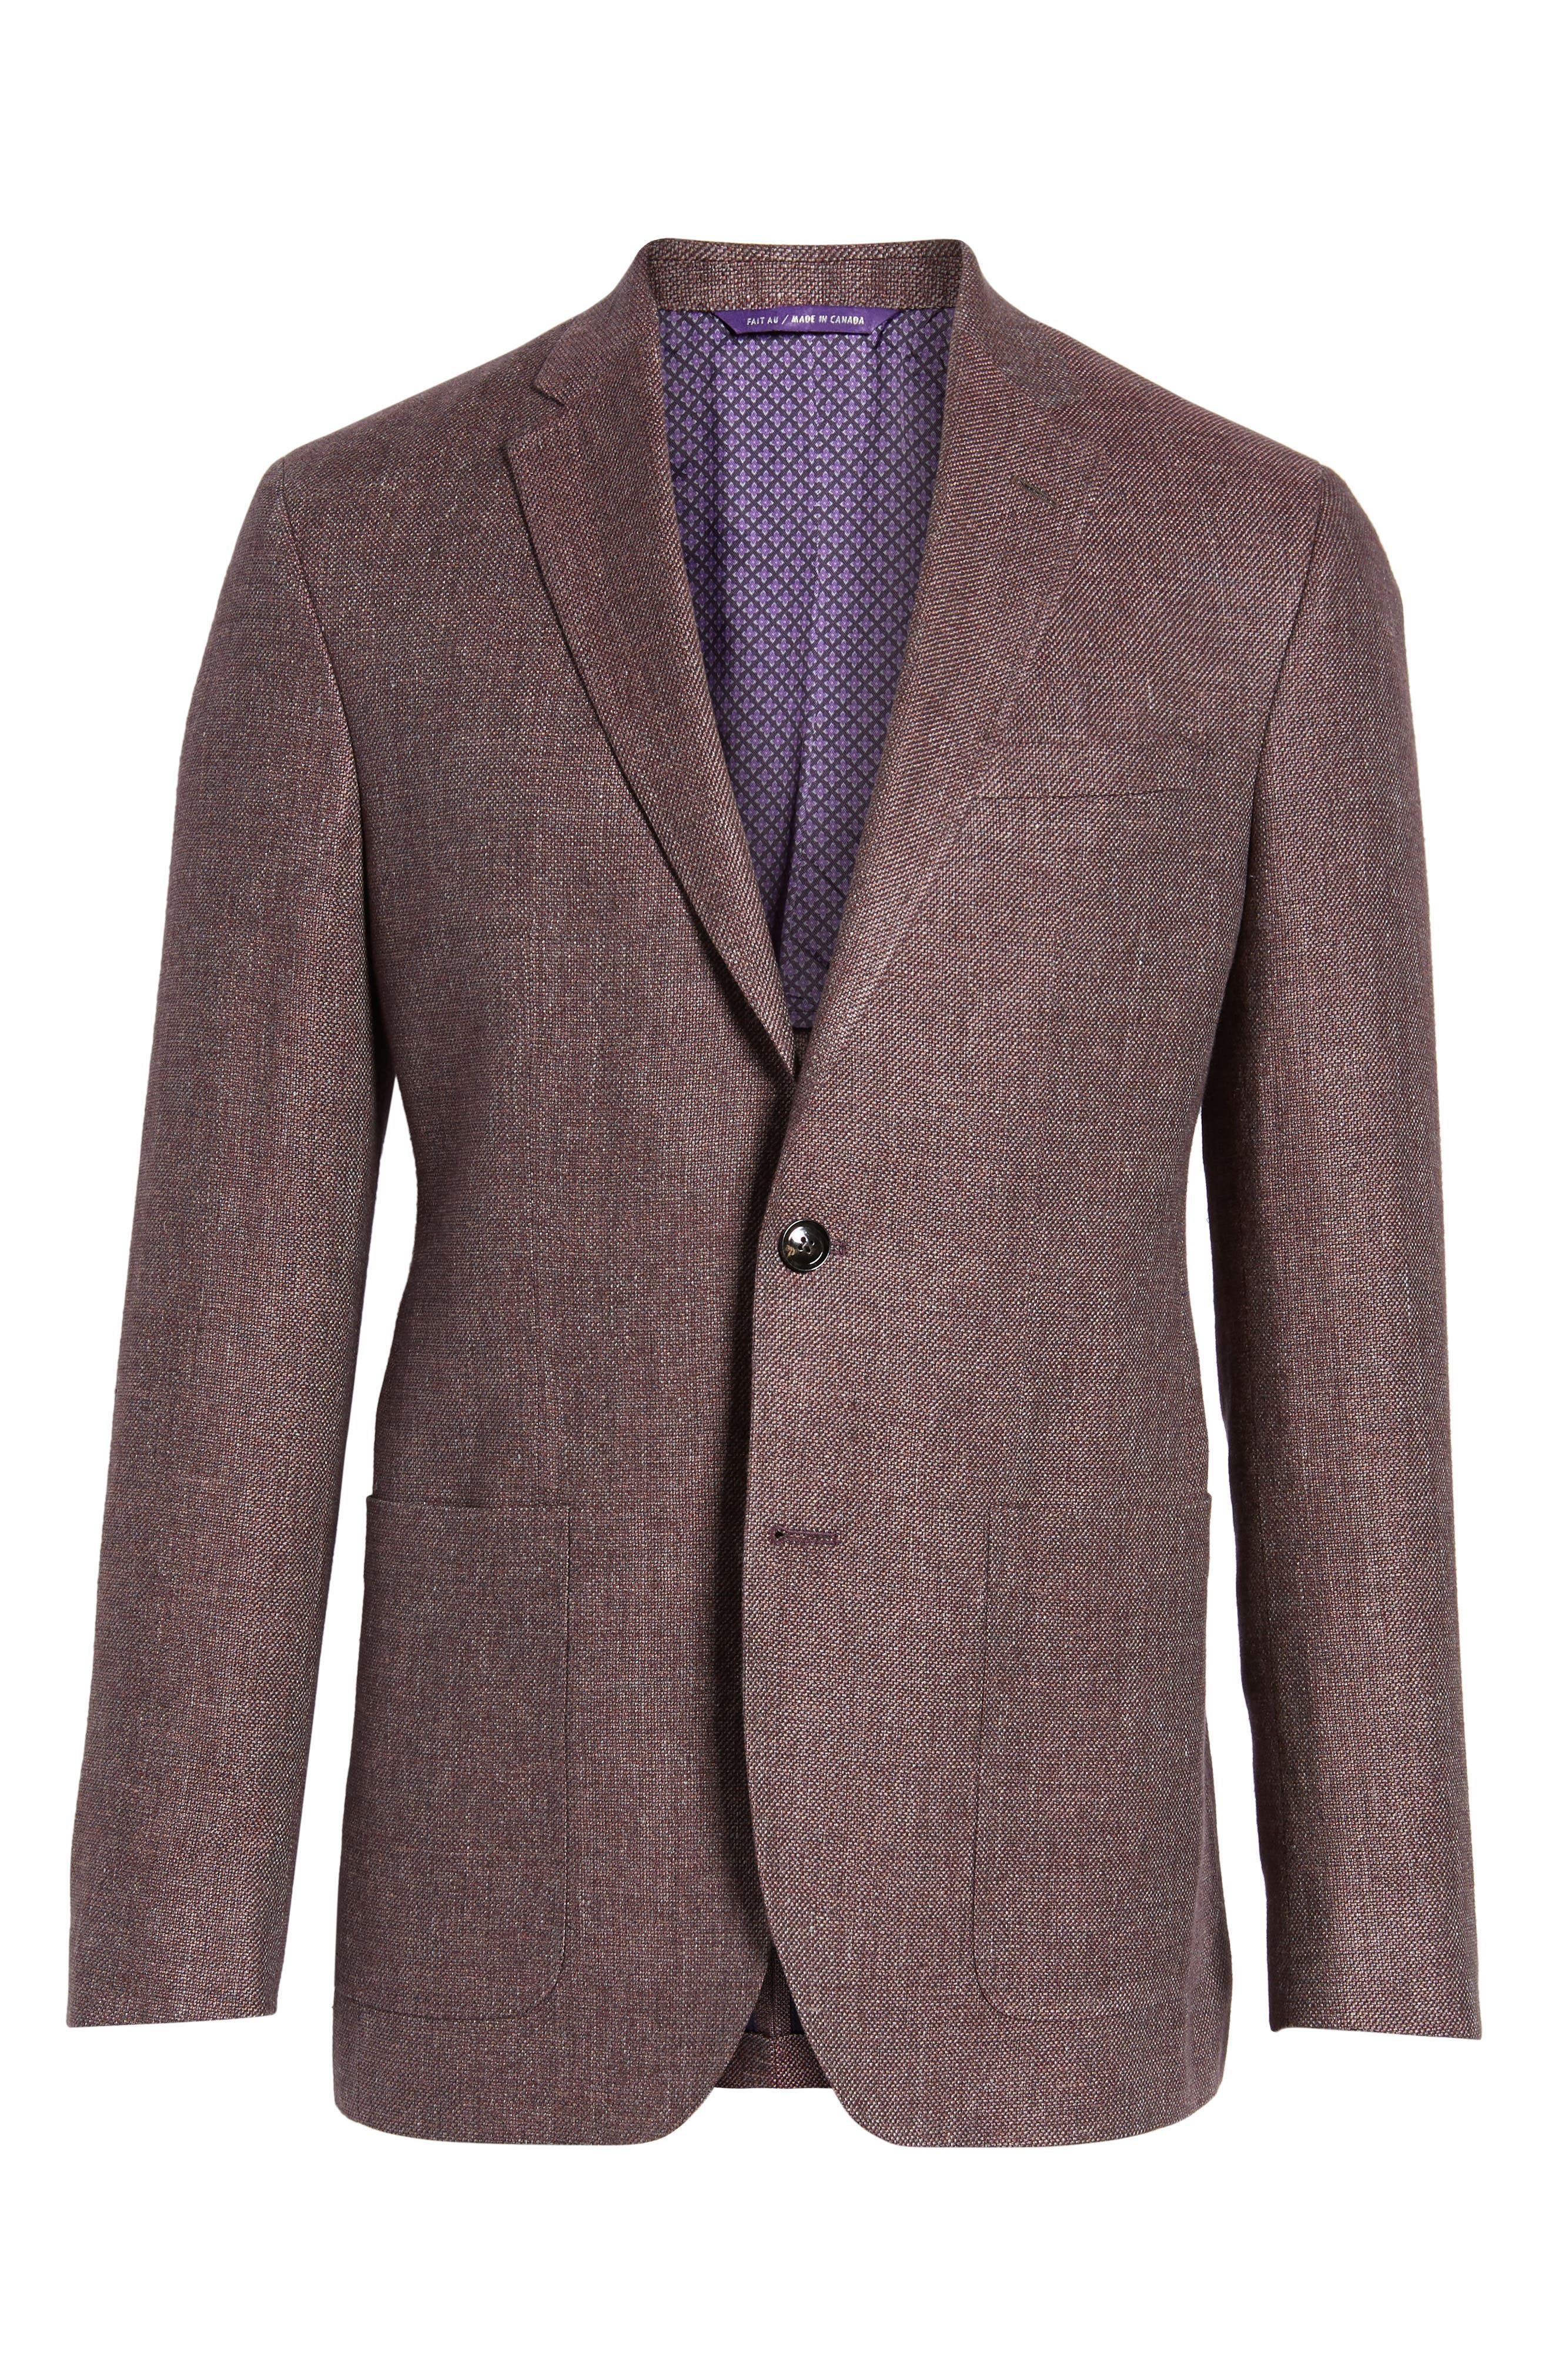 Kyle Trim Fit Linen & Wool Blazer,                             Alternate thumbnail 6, color,                             Light Brick